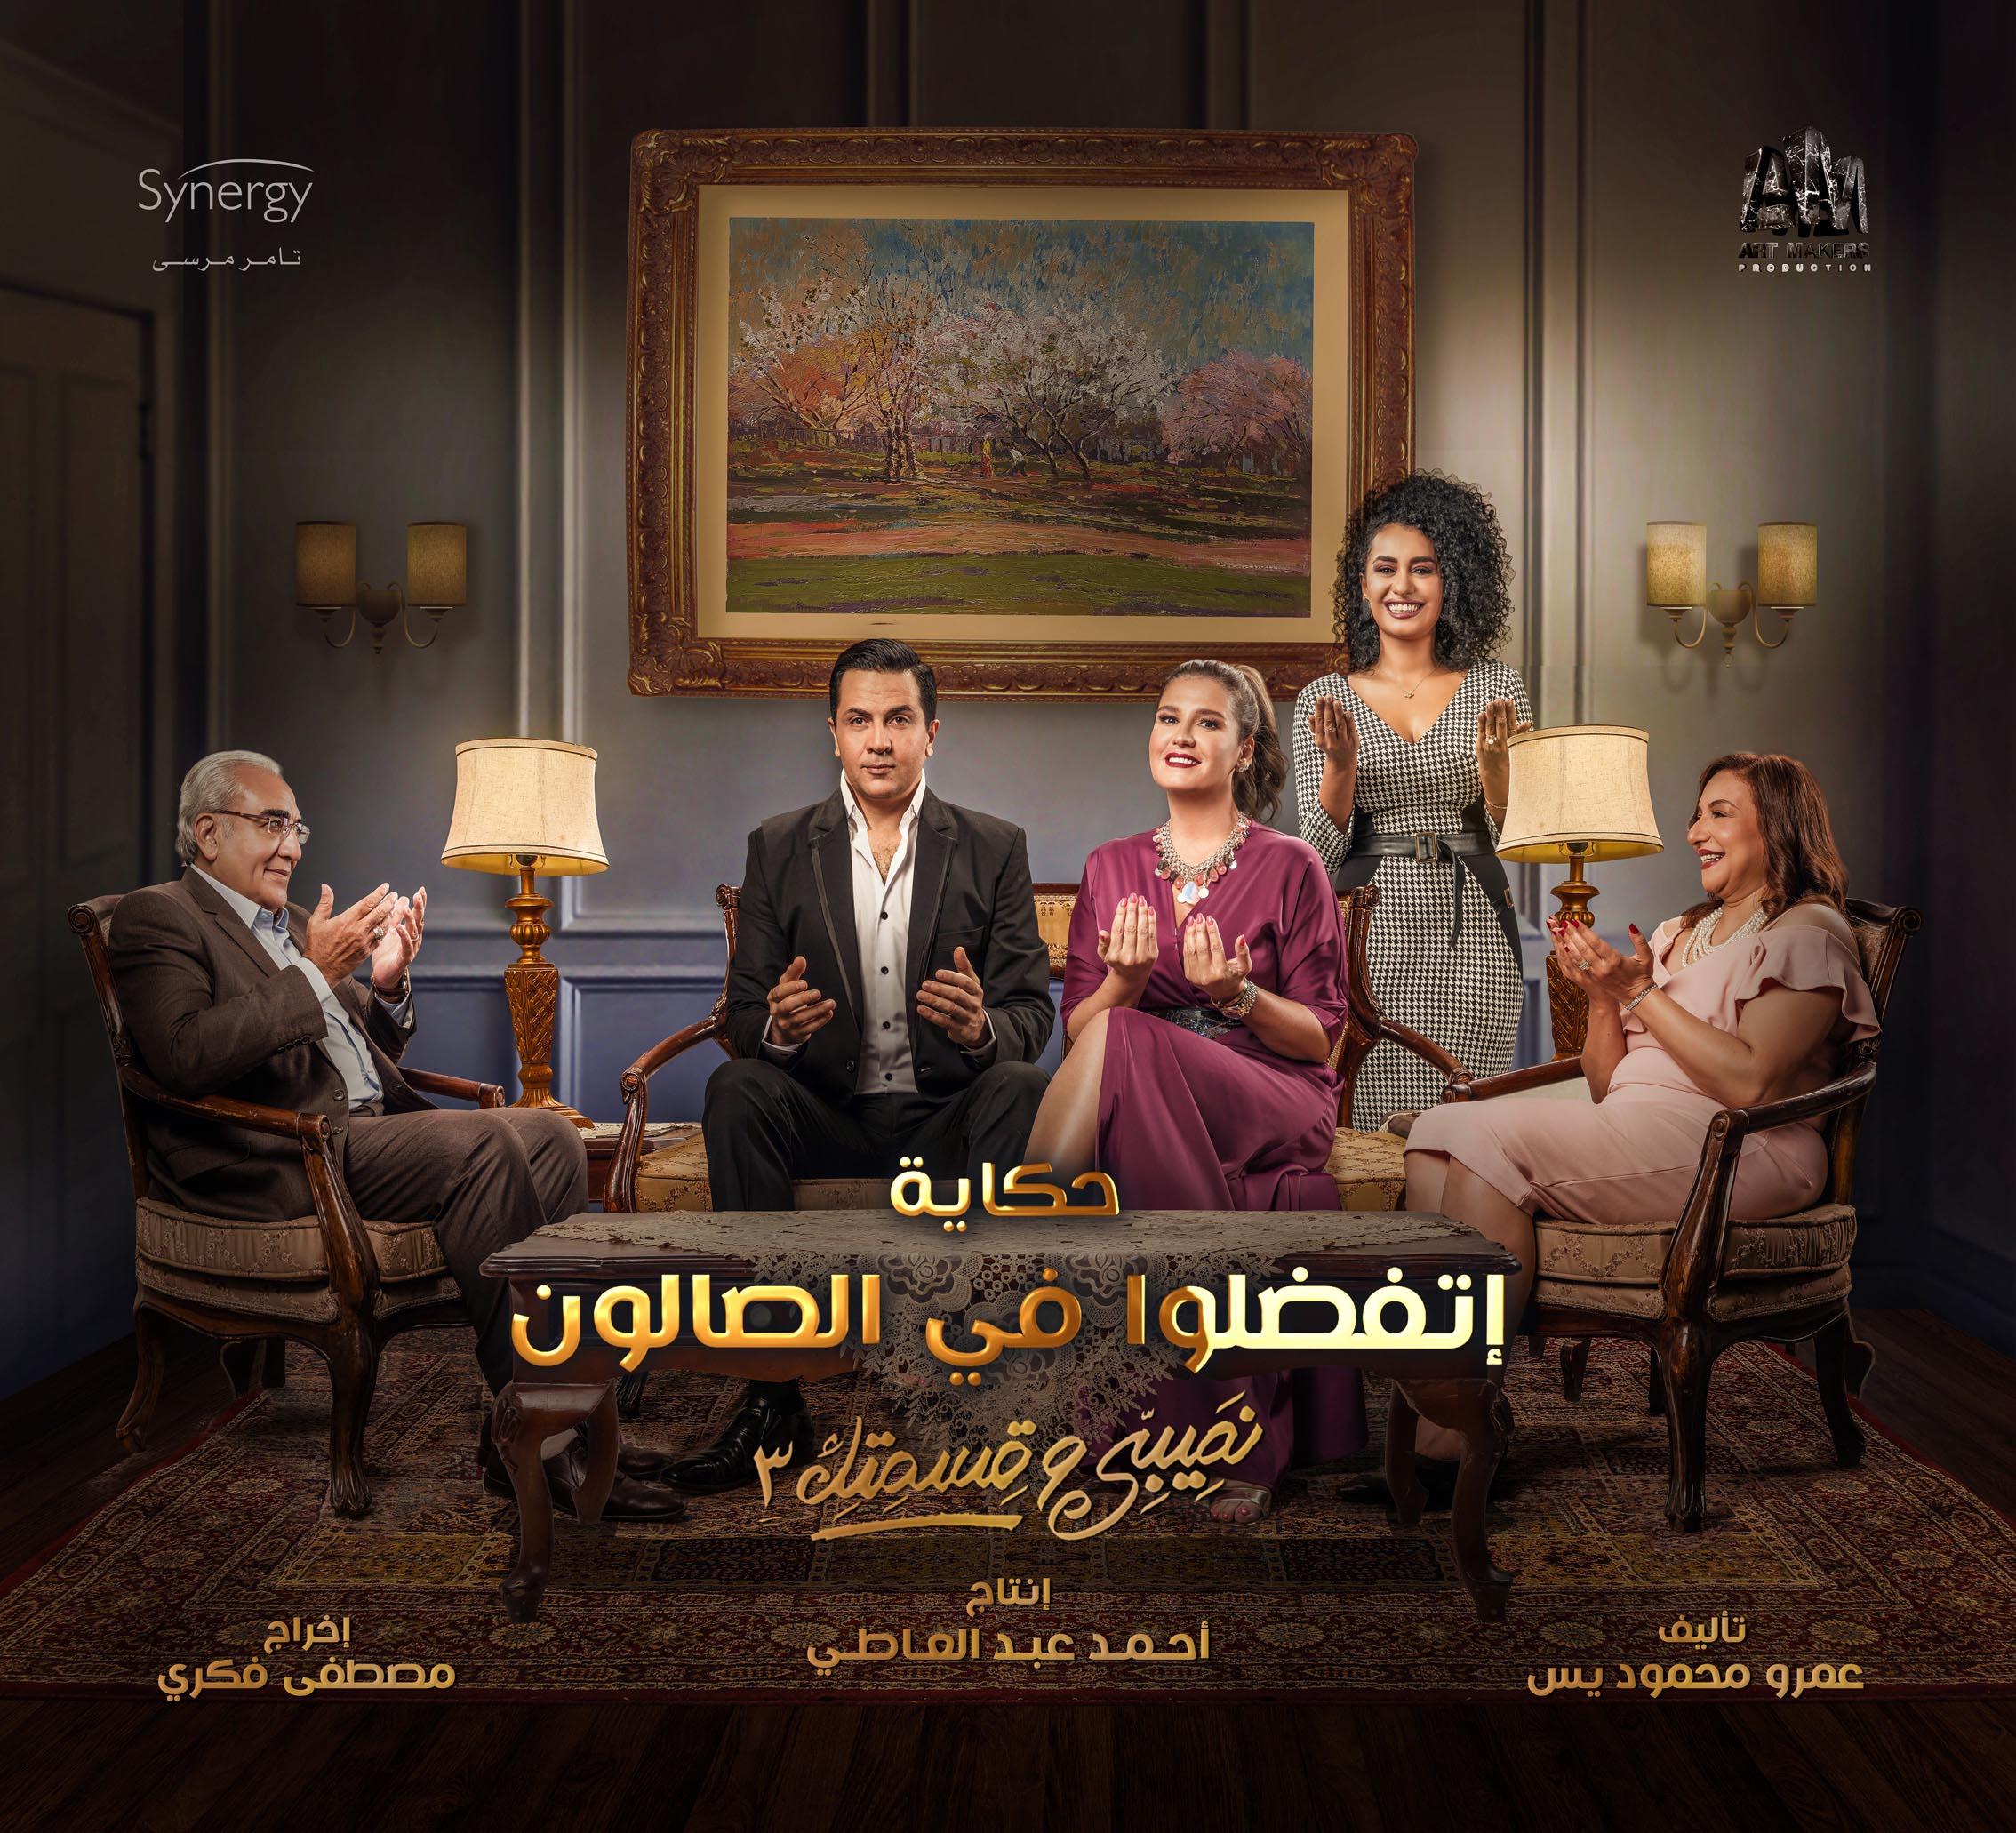 حكايات الحب والزواج والطلاق في نصيبي وقسمتك 3 على MBC4